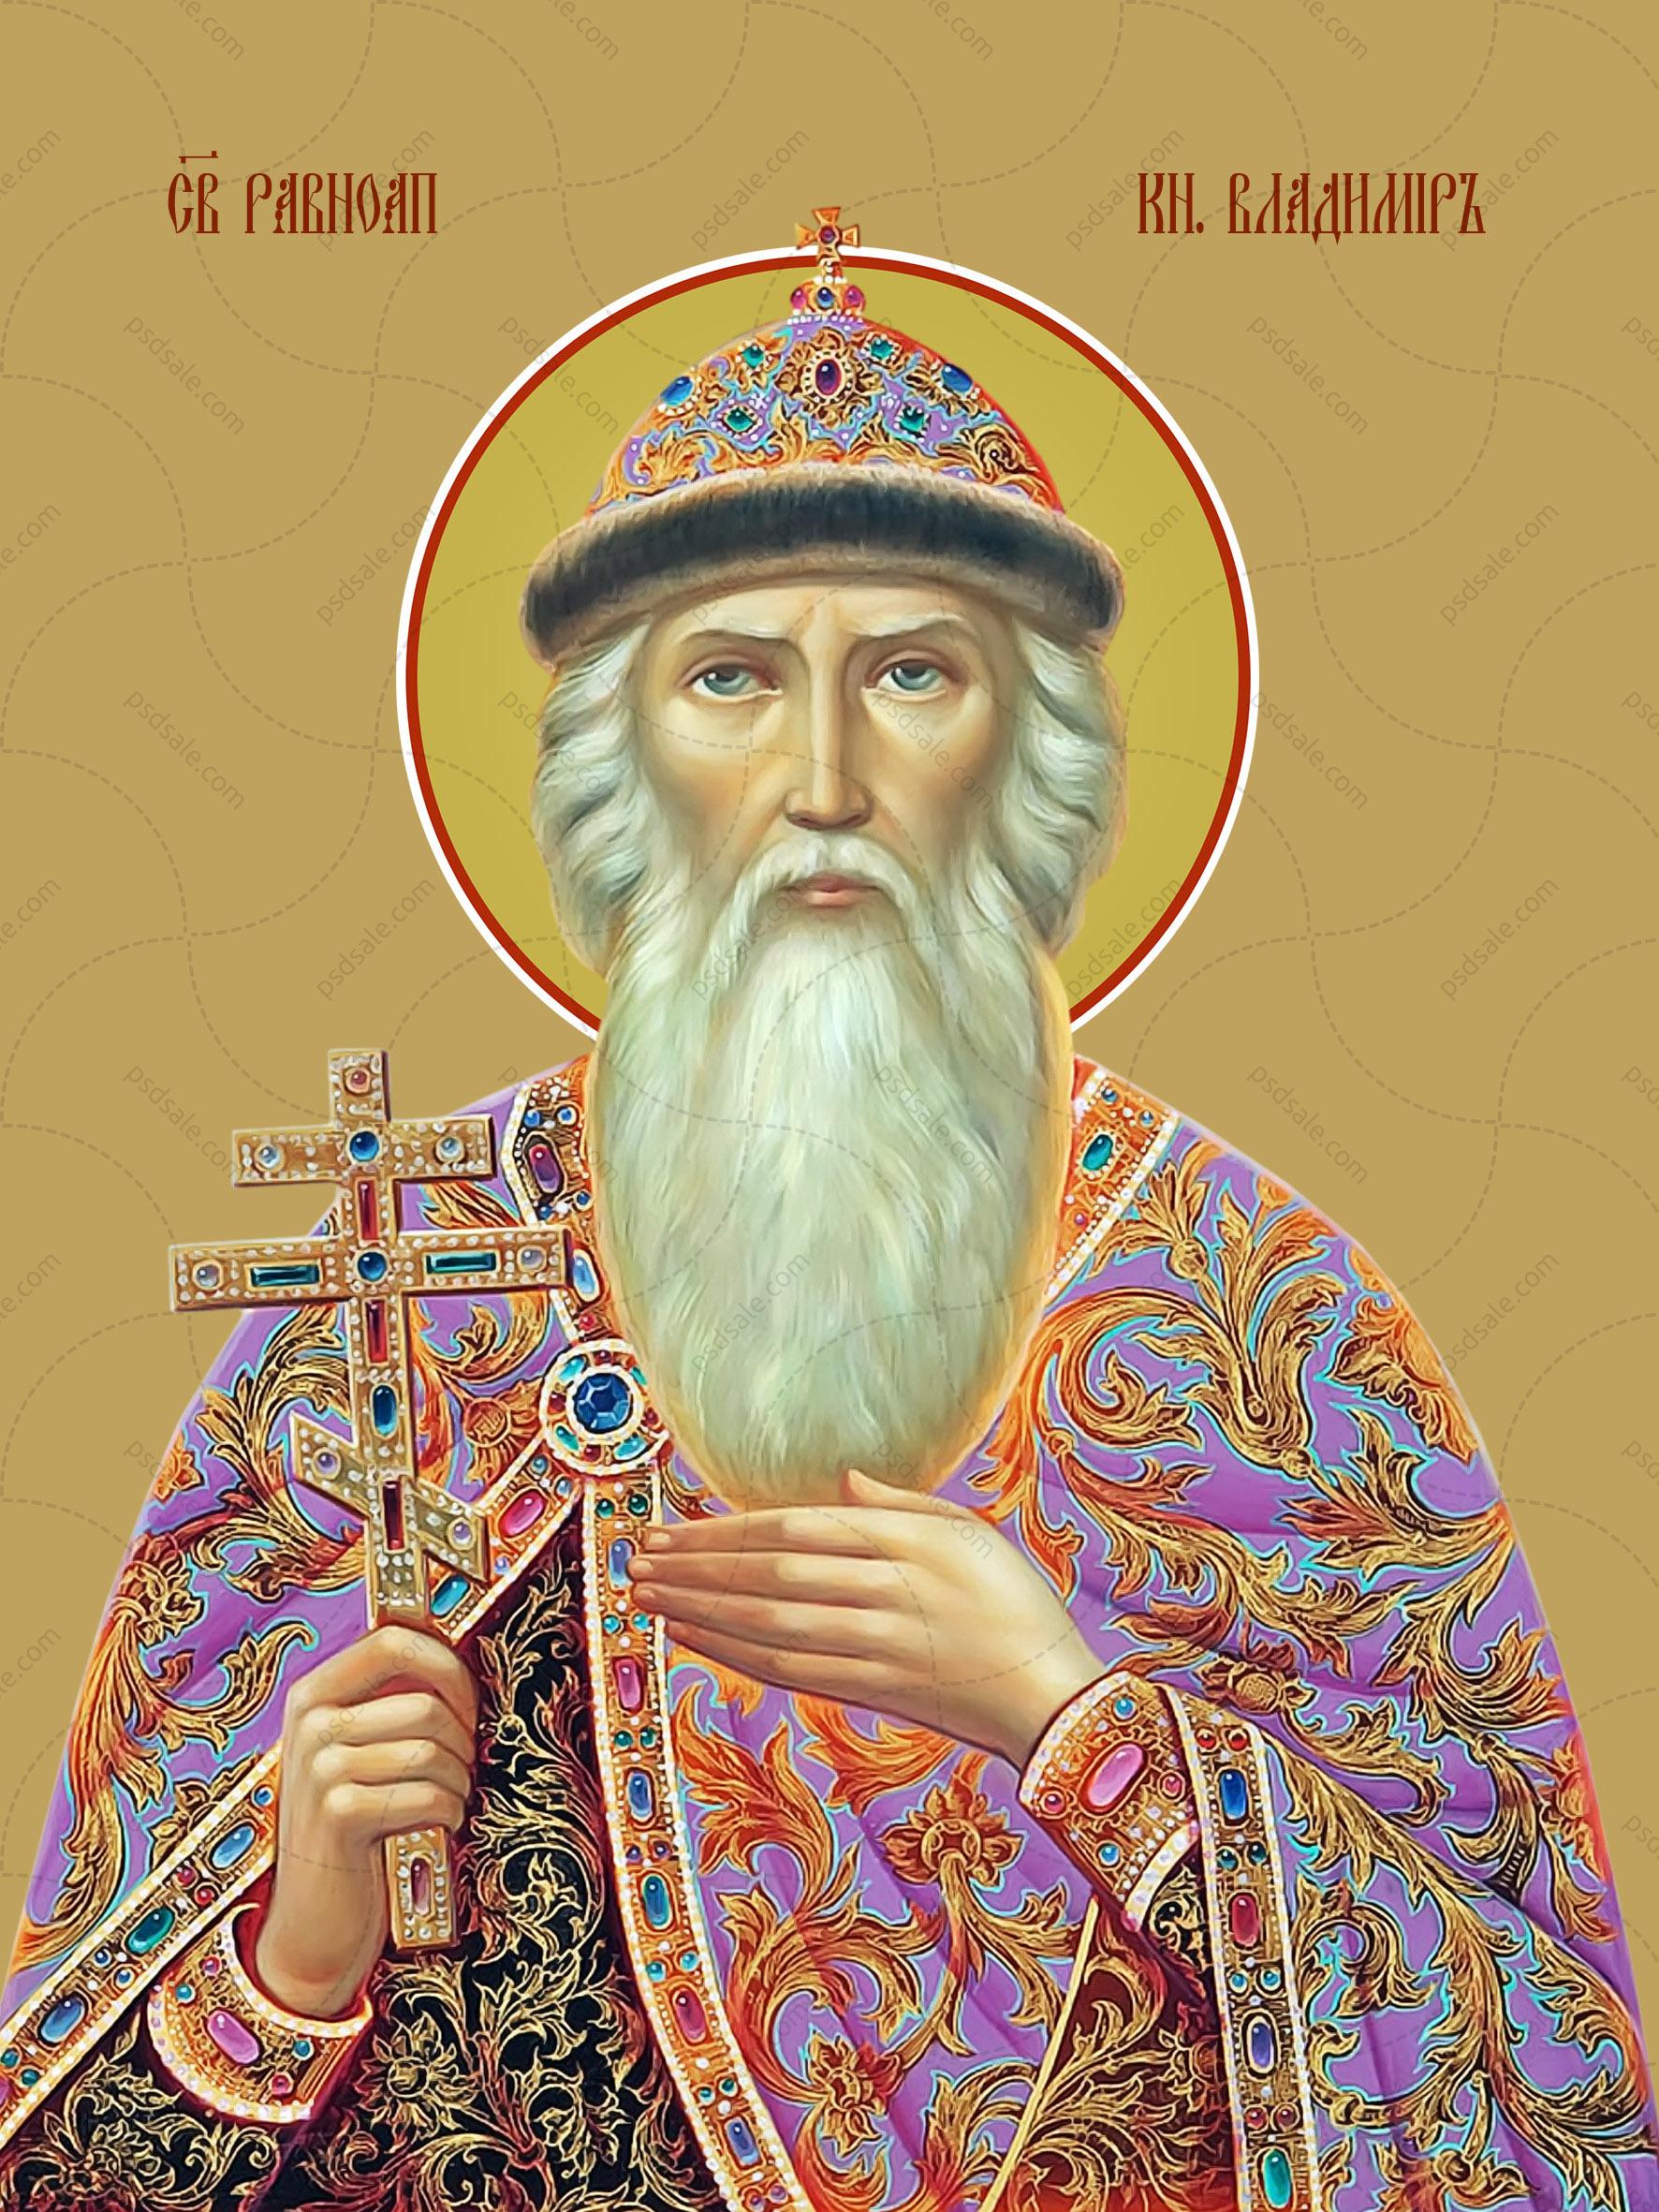 Владимир, святой князь